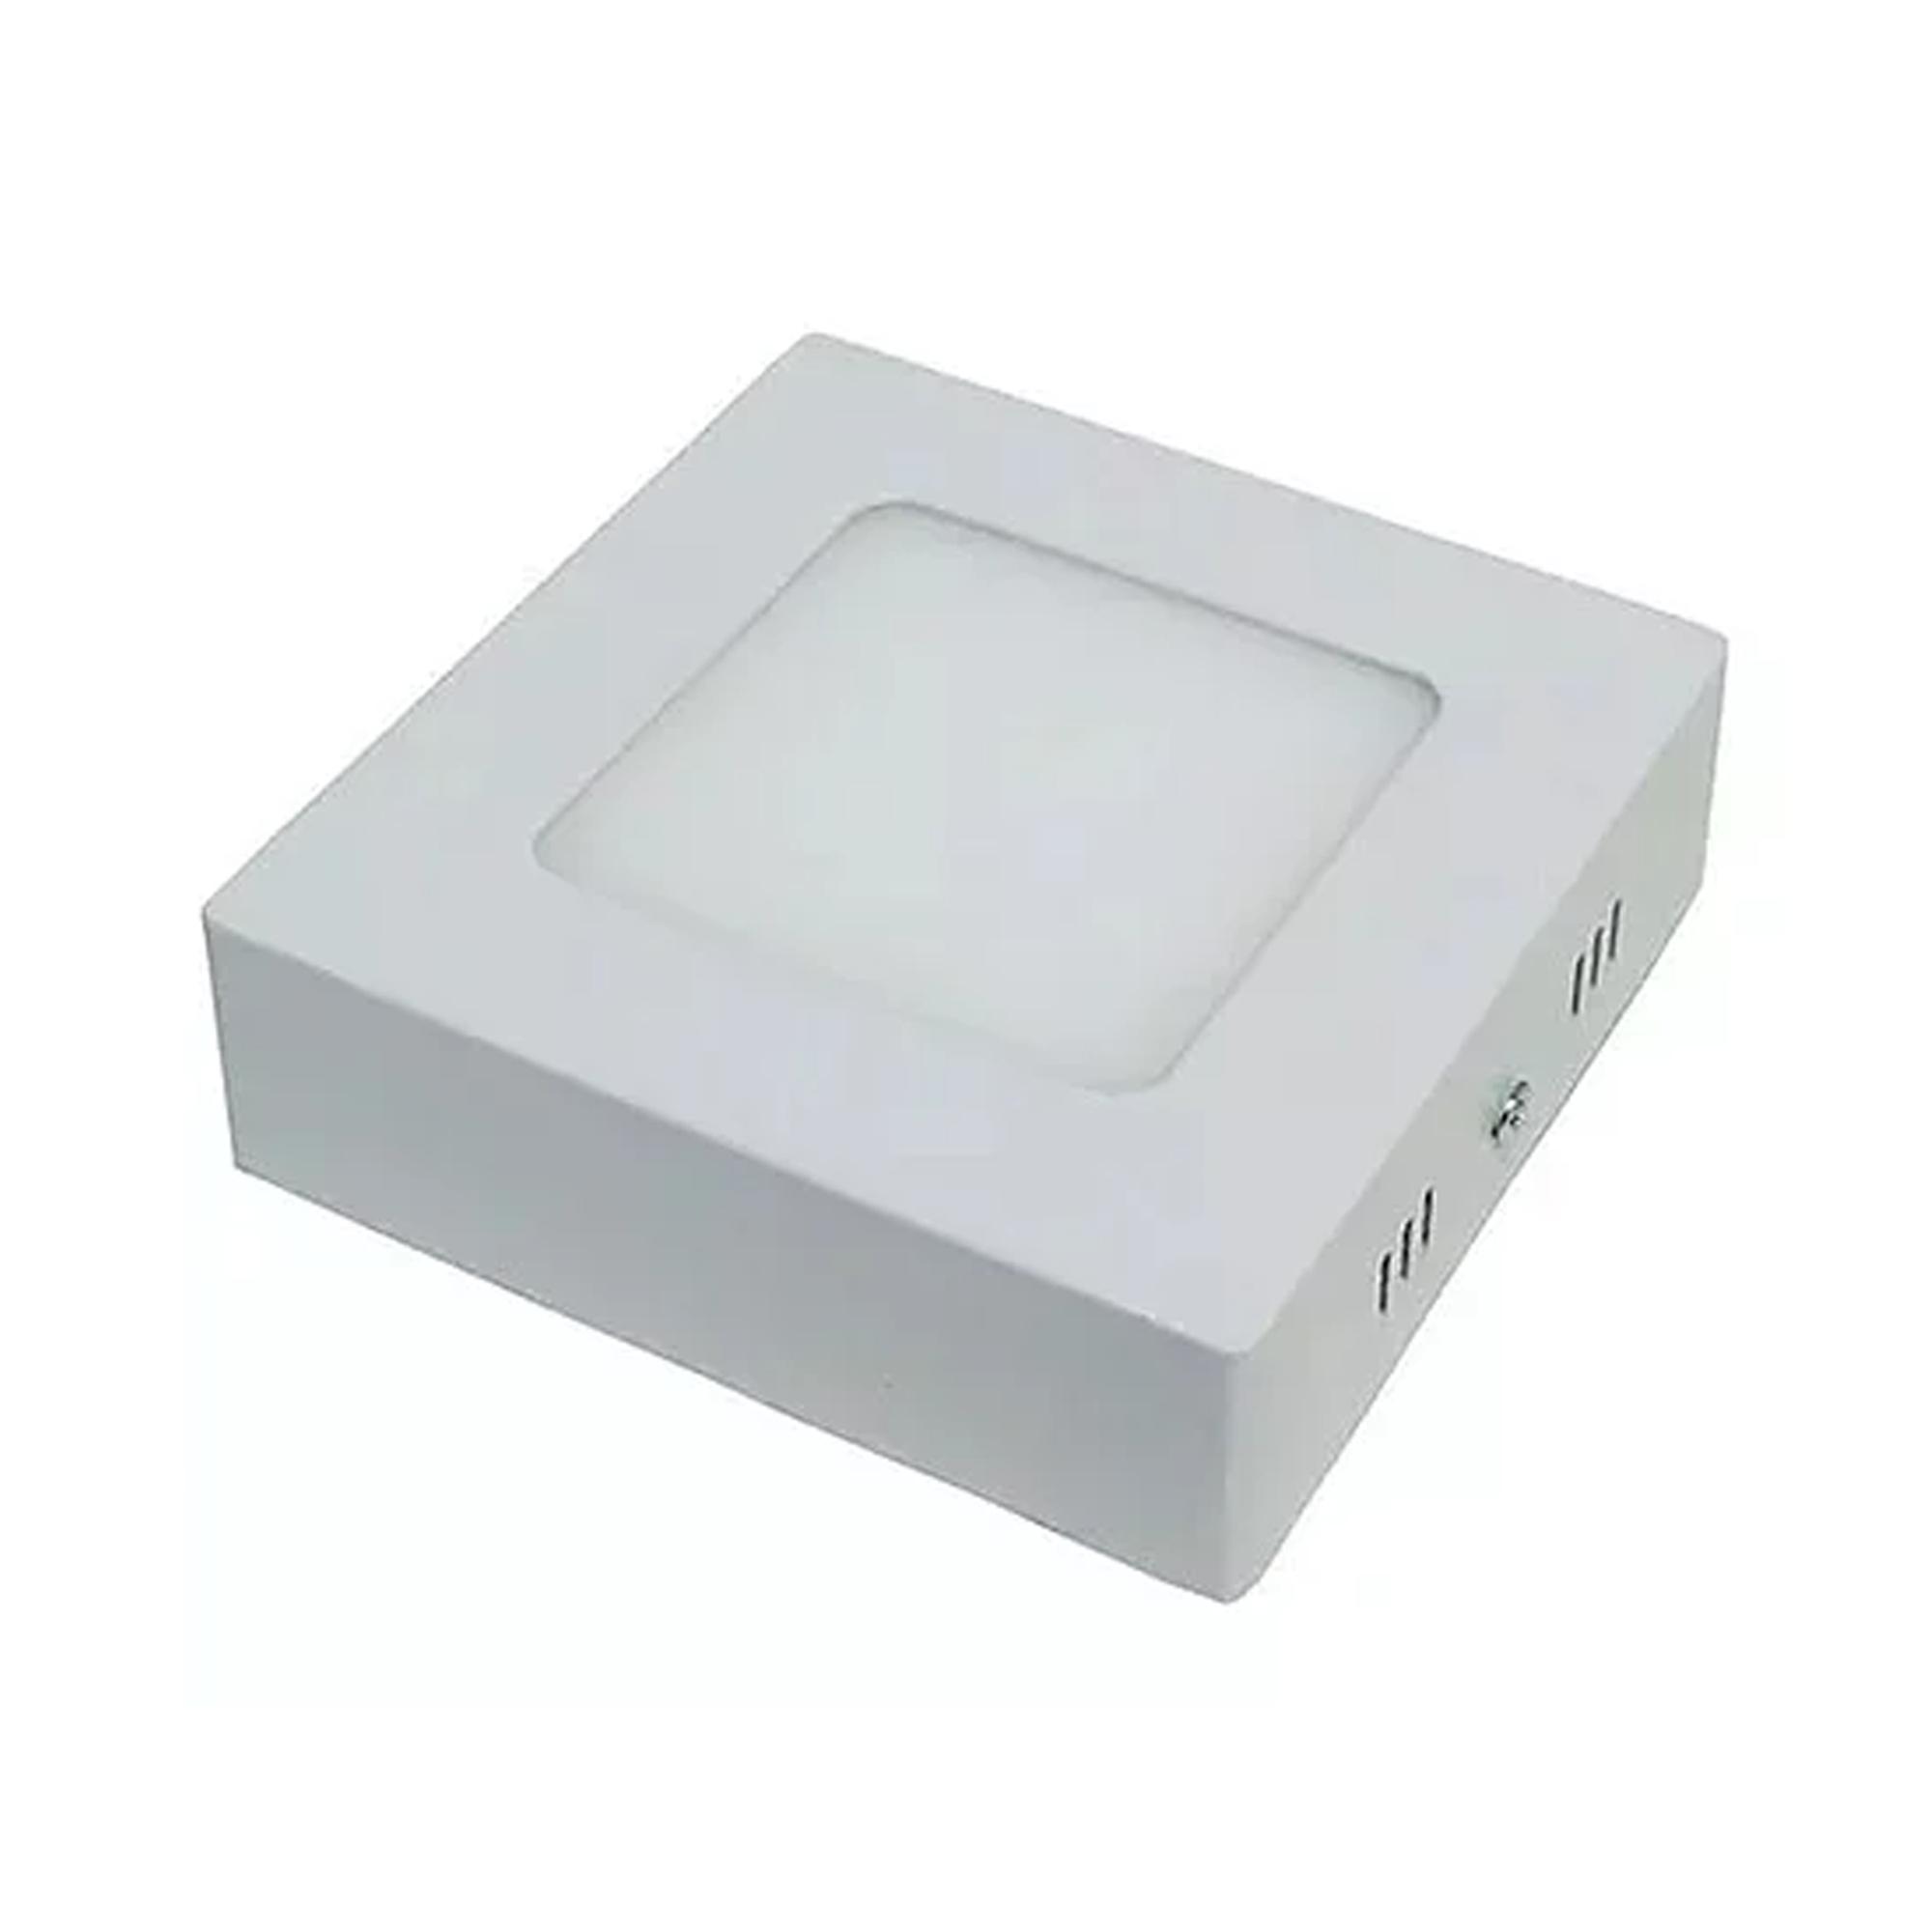 Plafon LED Sobrepor 6W Quadrado / Branco Frio